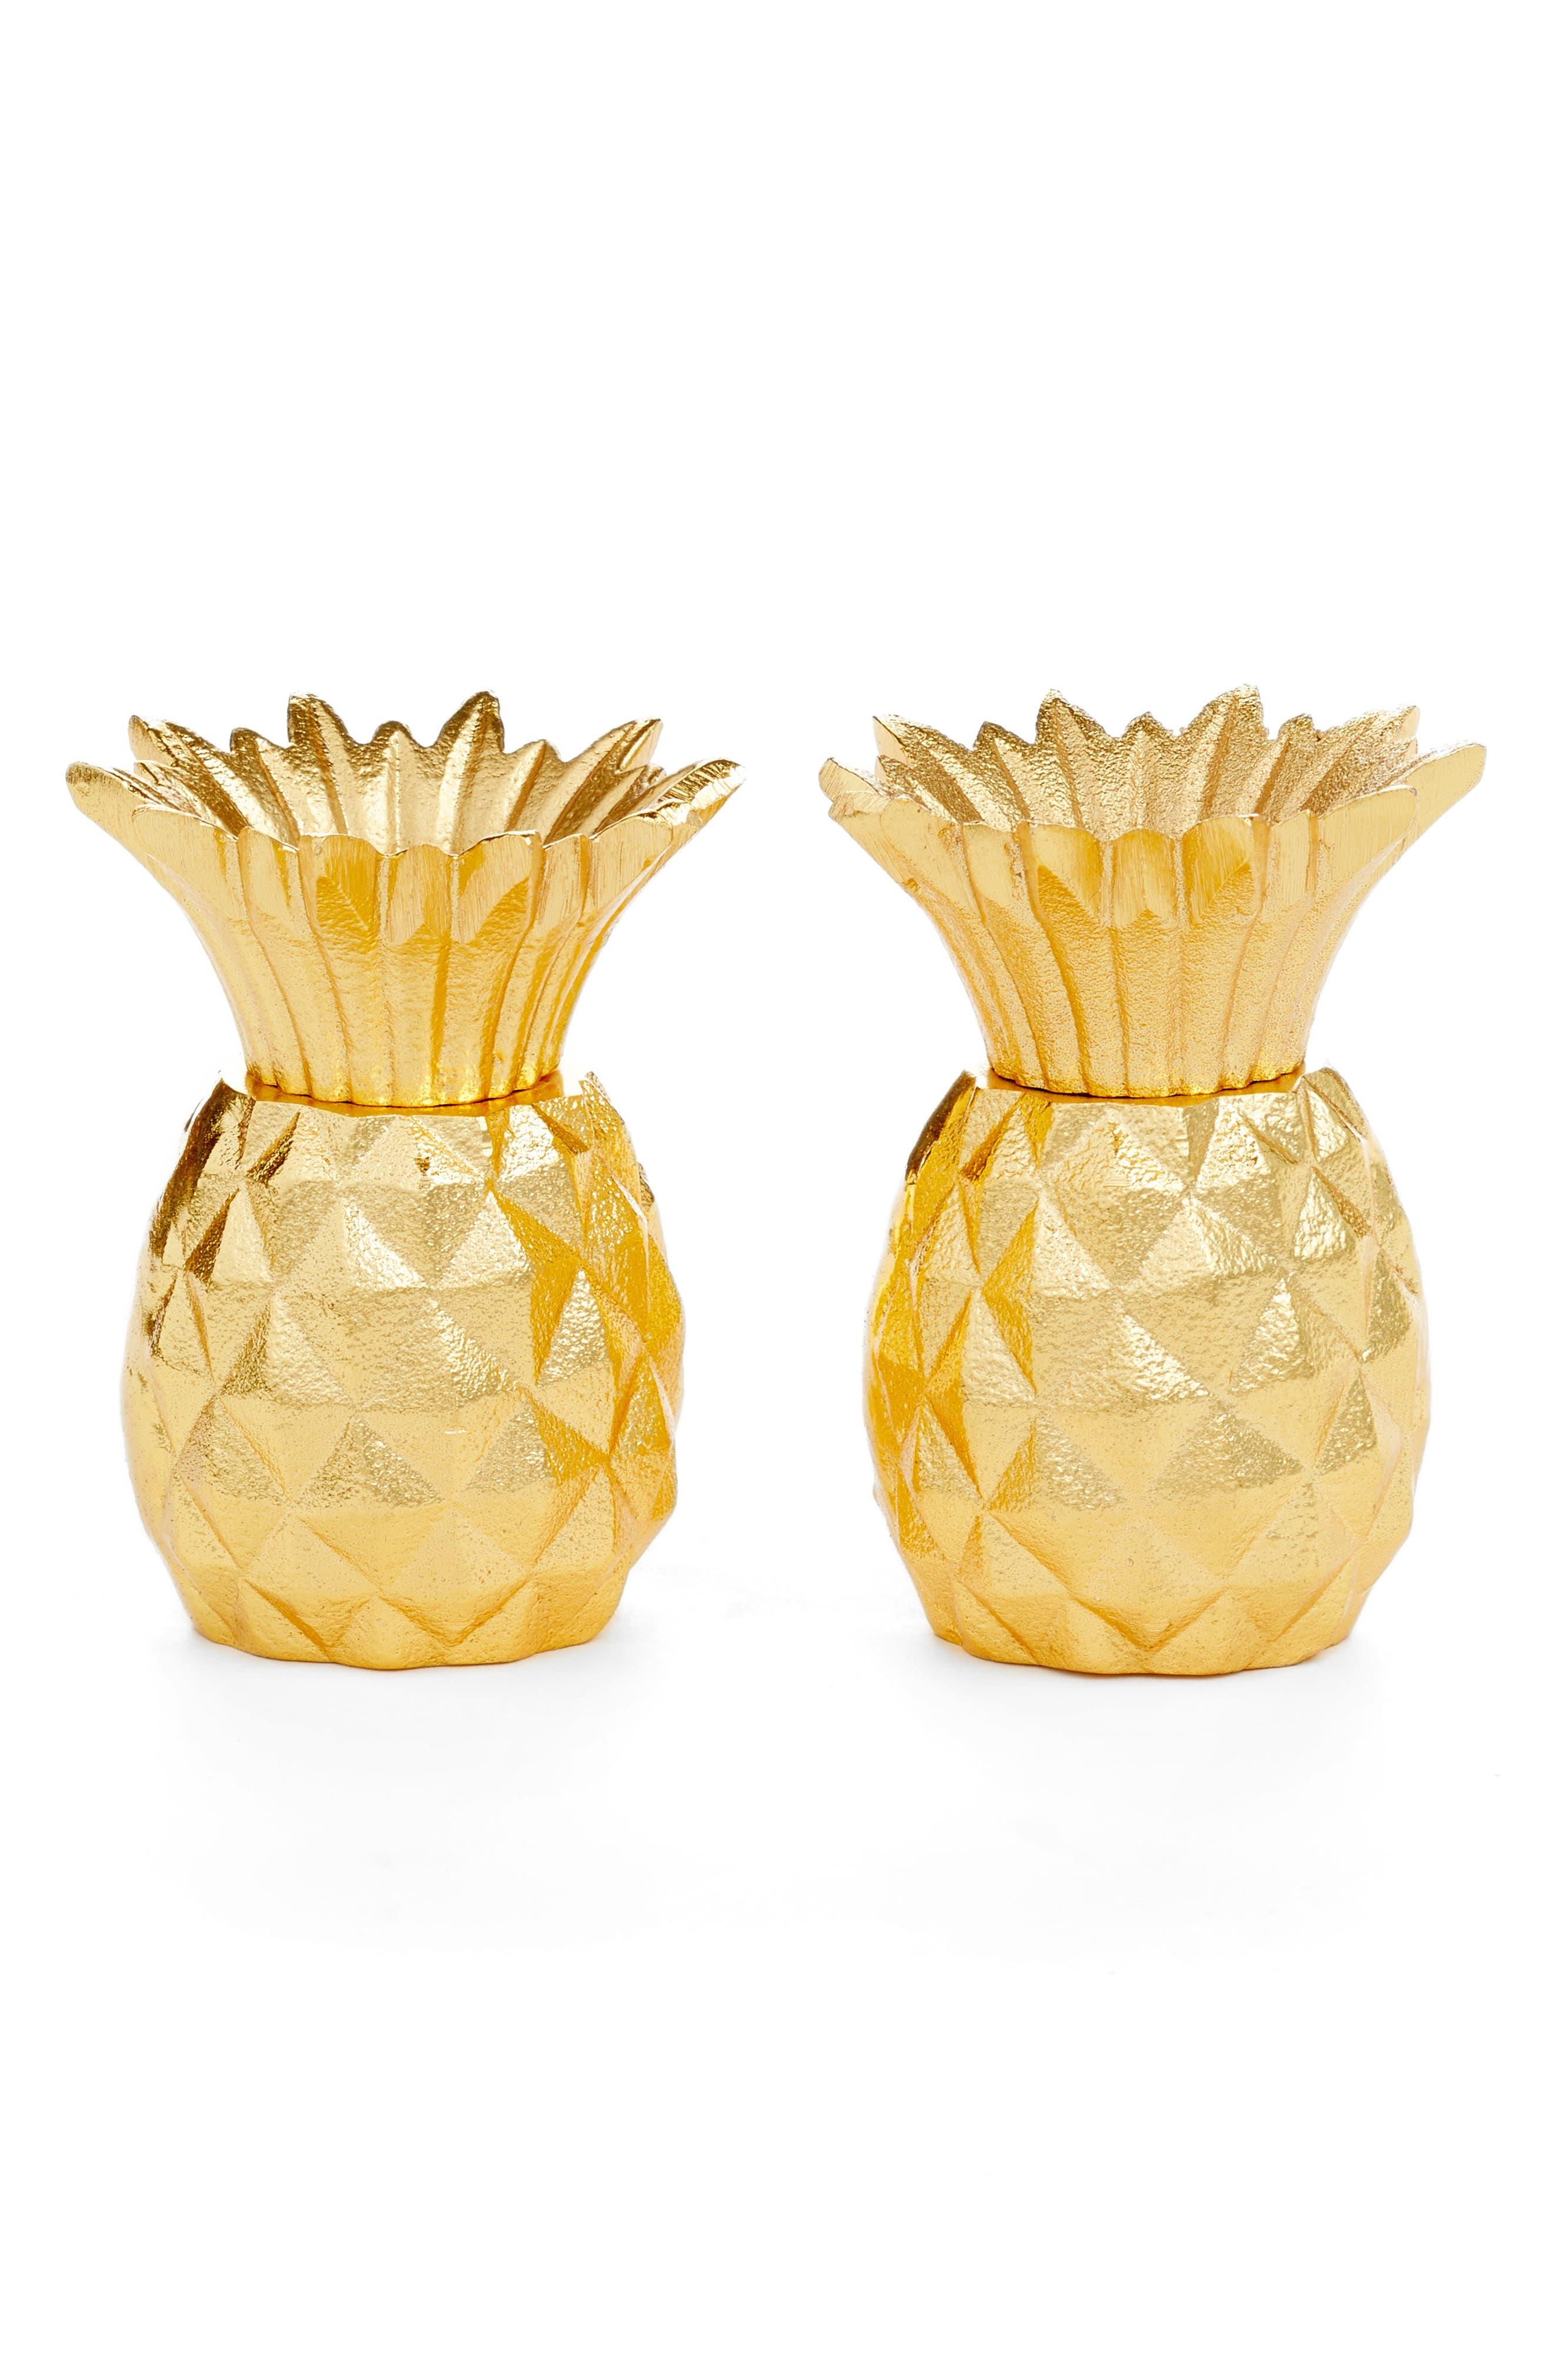 Pineapple Salt & Pepper Shaker Set,                         Main,                         color, Gold